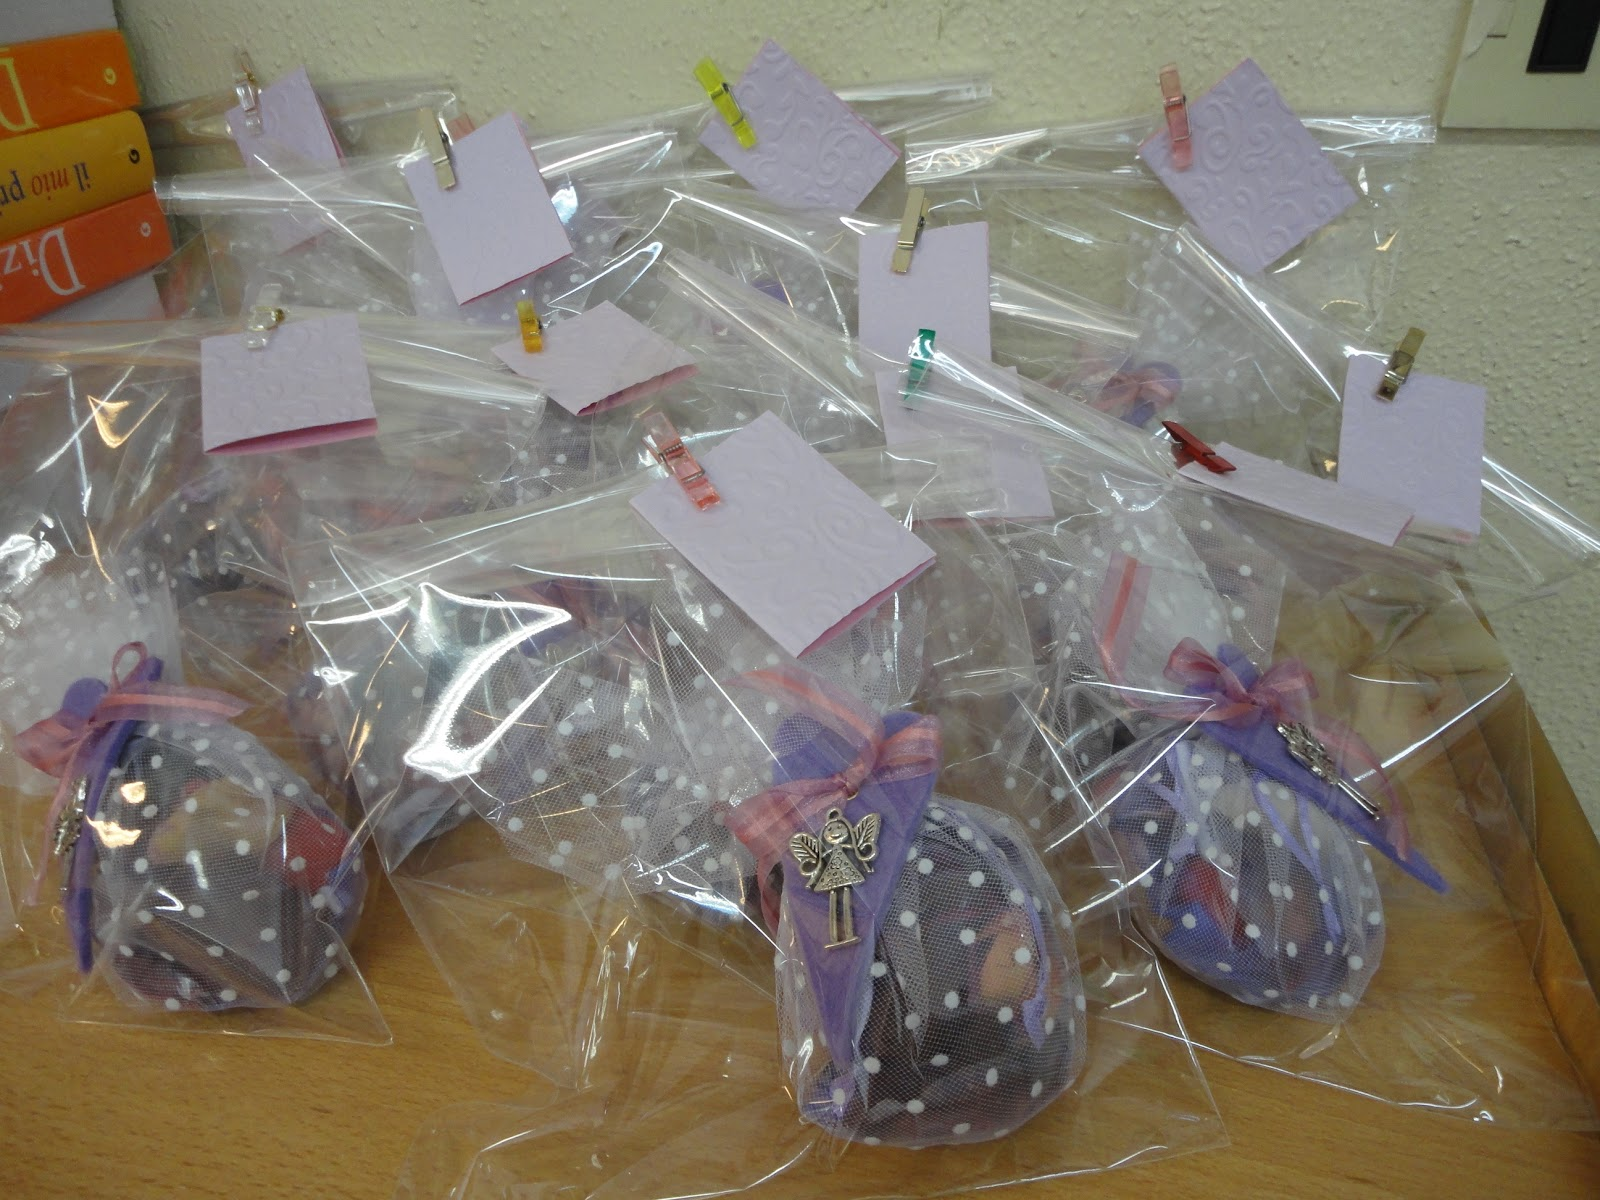 Il laboratorio creativo di ciccia maggio 2012 - Porta pout pourri ...